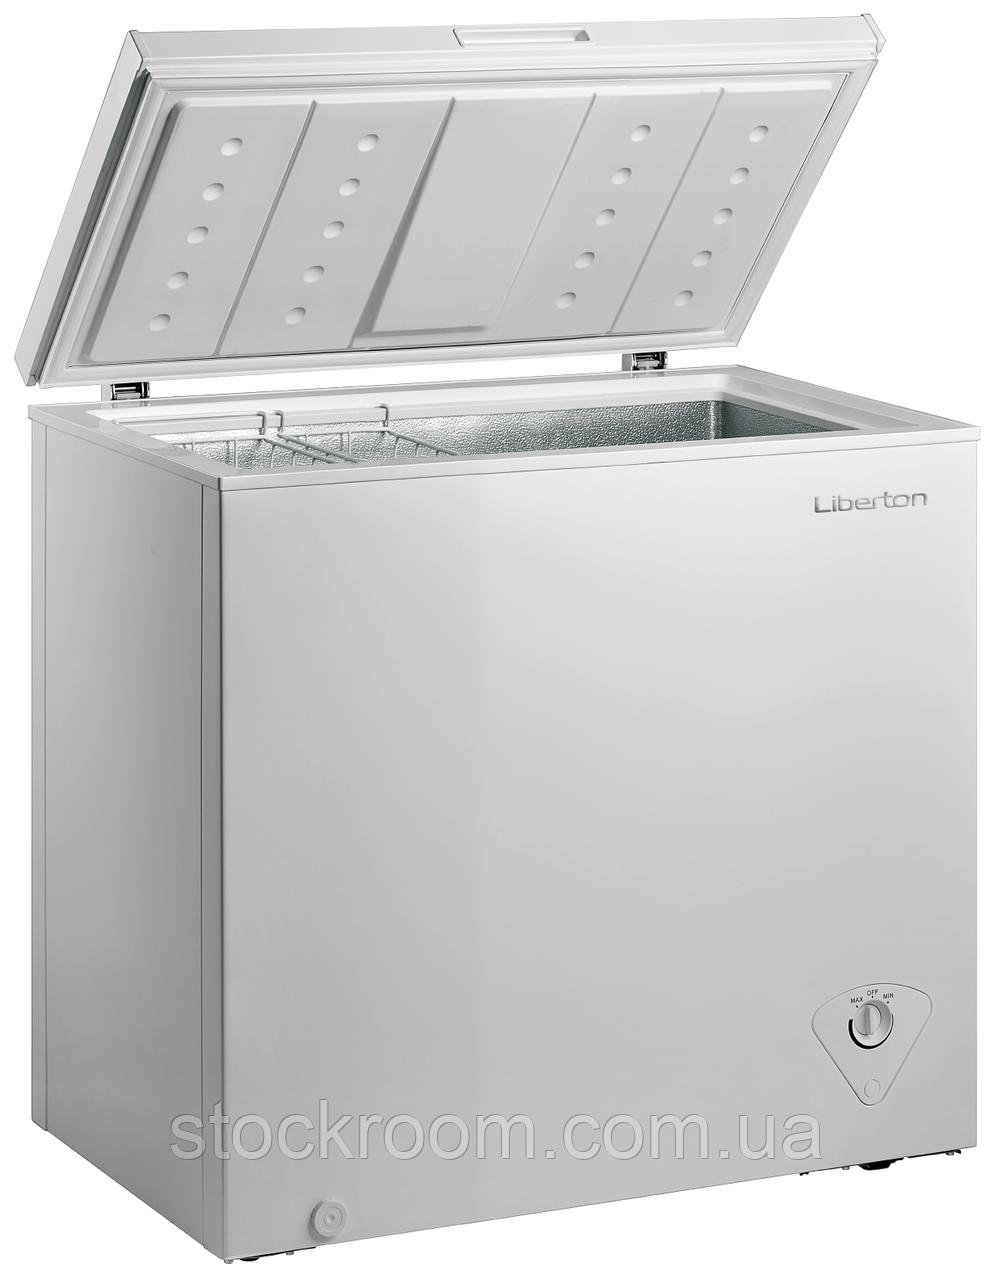 Морозильный ларь Liberton LCF 200MD 200 л -24°С